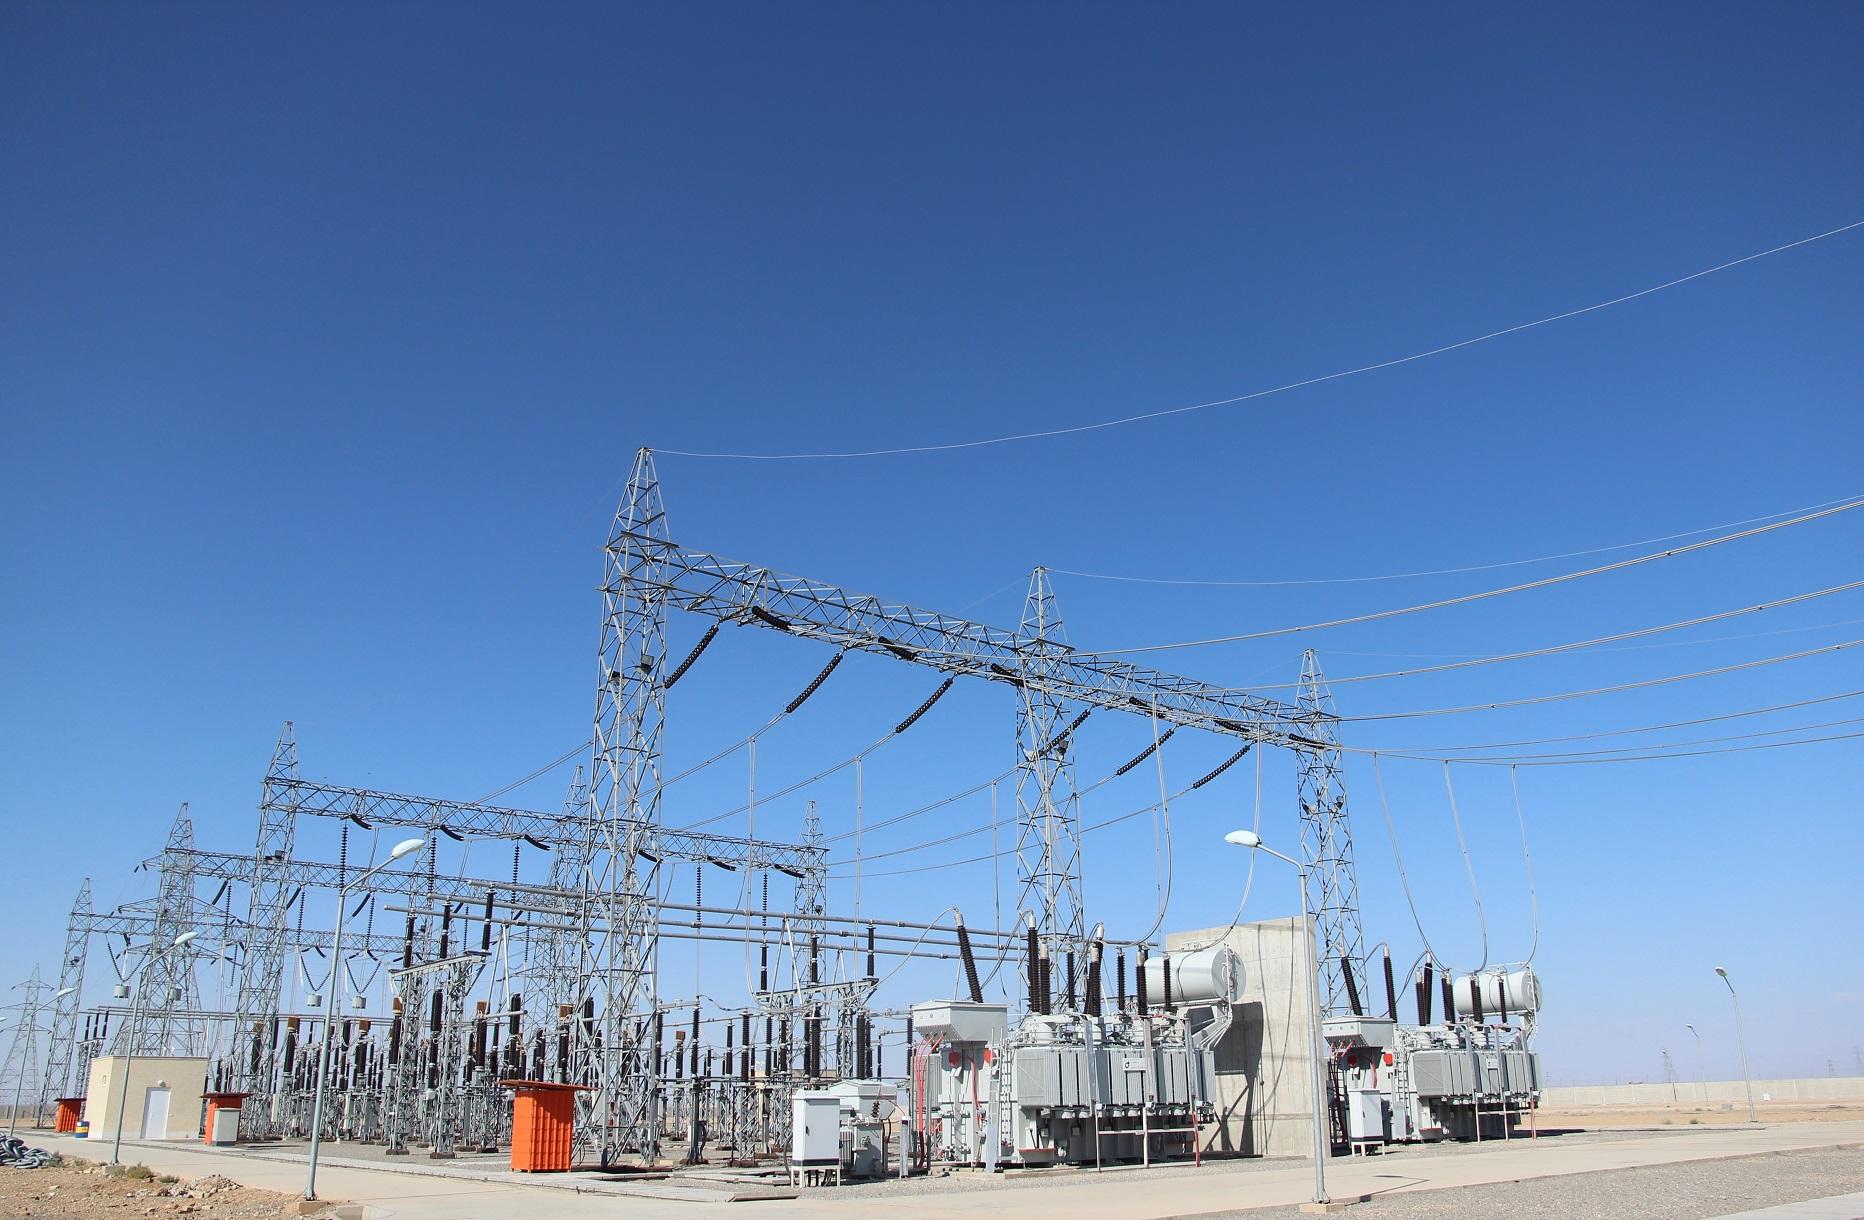 بازدید کارمندان یک شرکت بخش خصوصی از تجهیزات برق منطقهای یزد